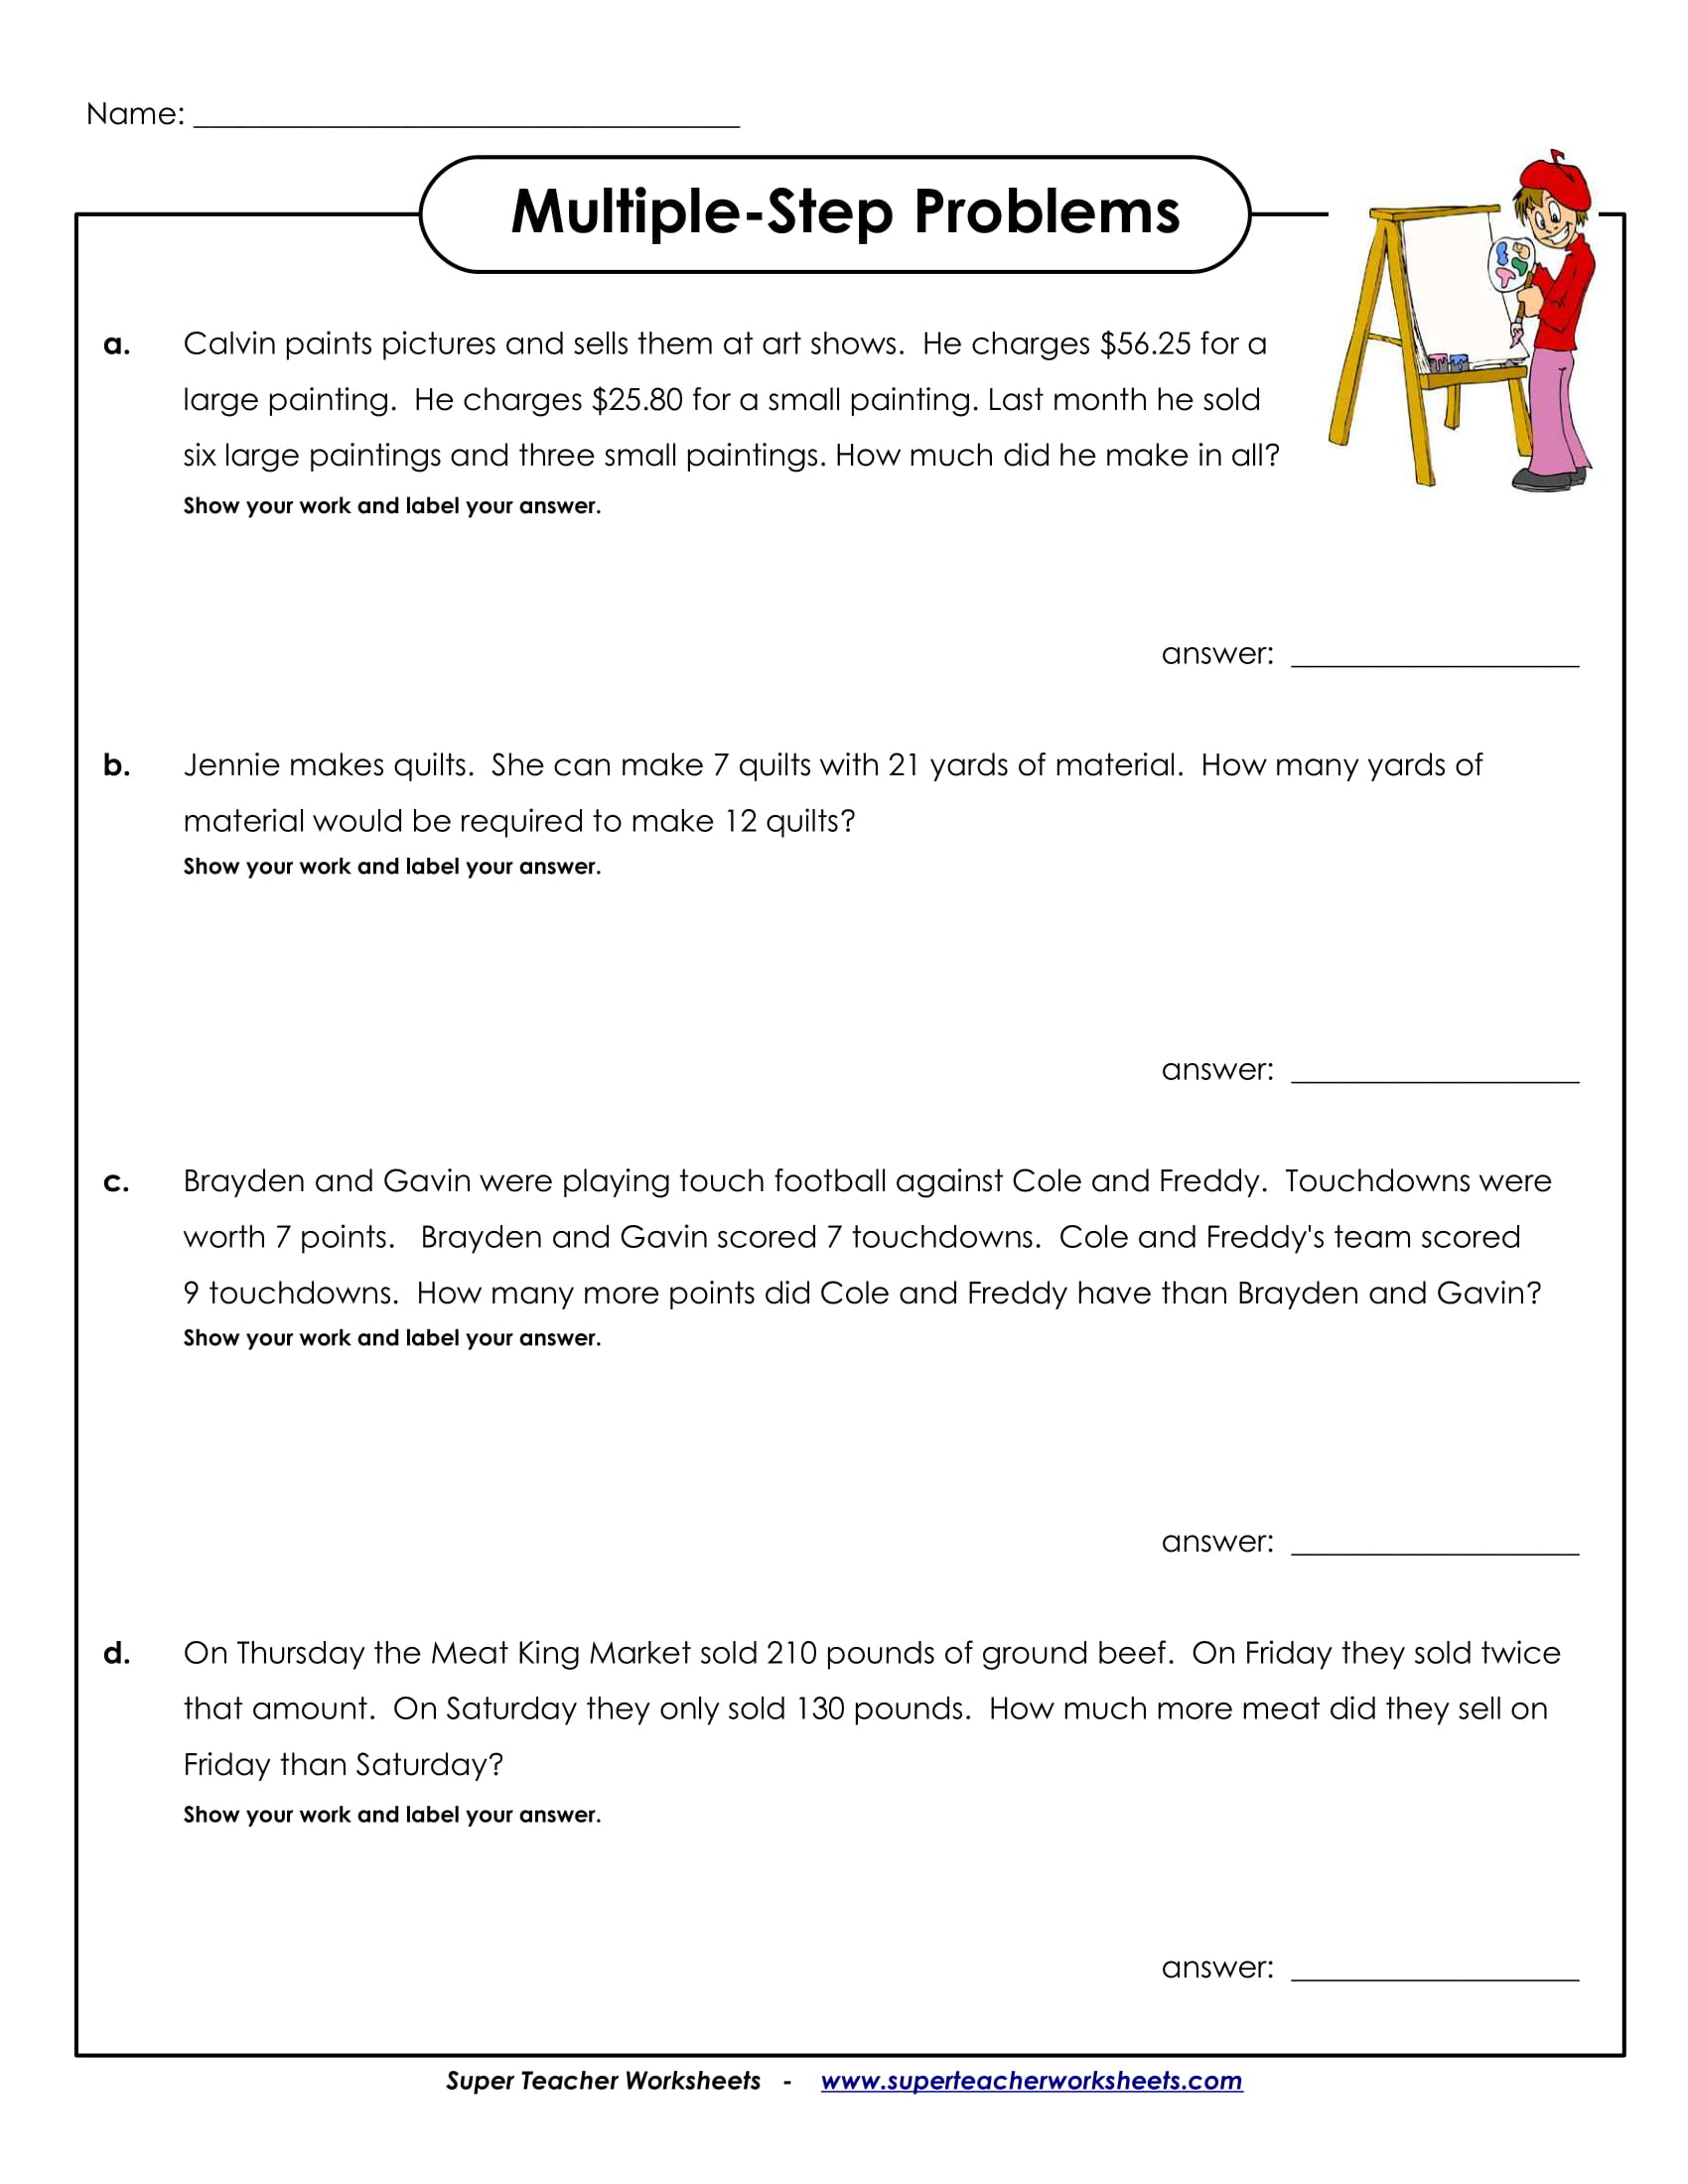 Multiple Step Problems Sample Worksheet